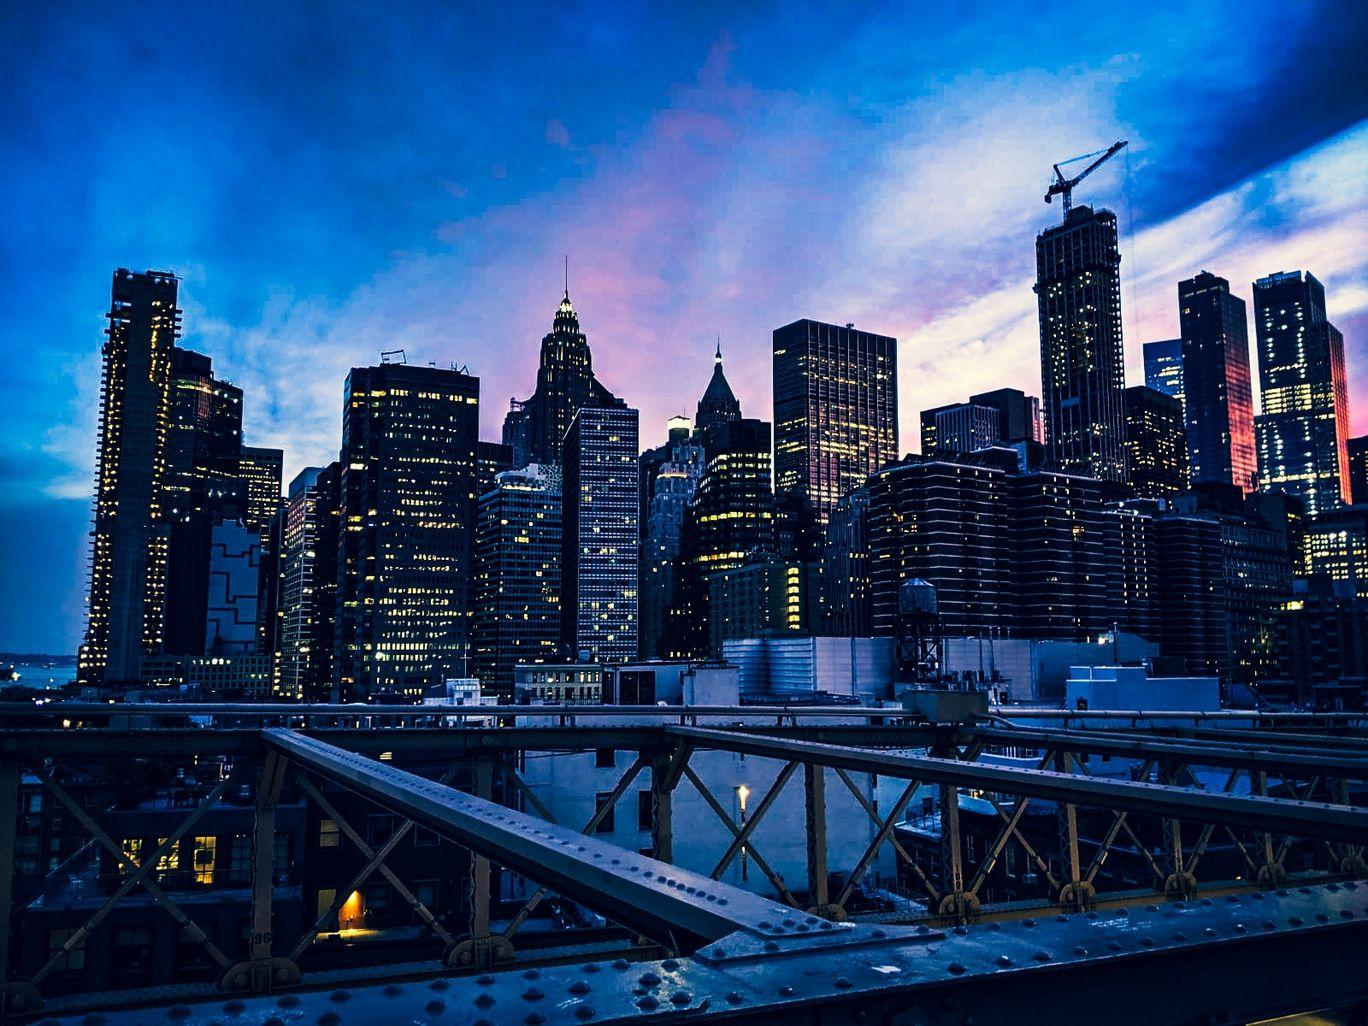 Photo of New York By sai krishna